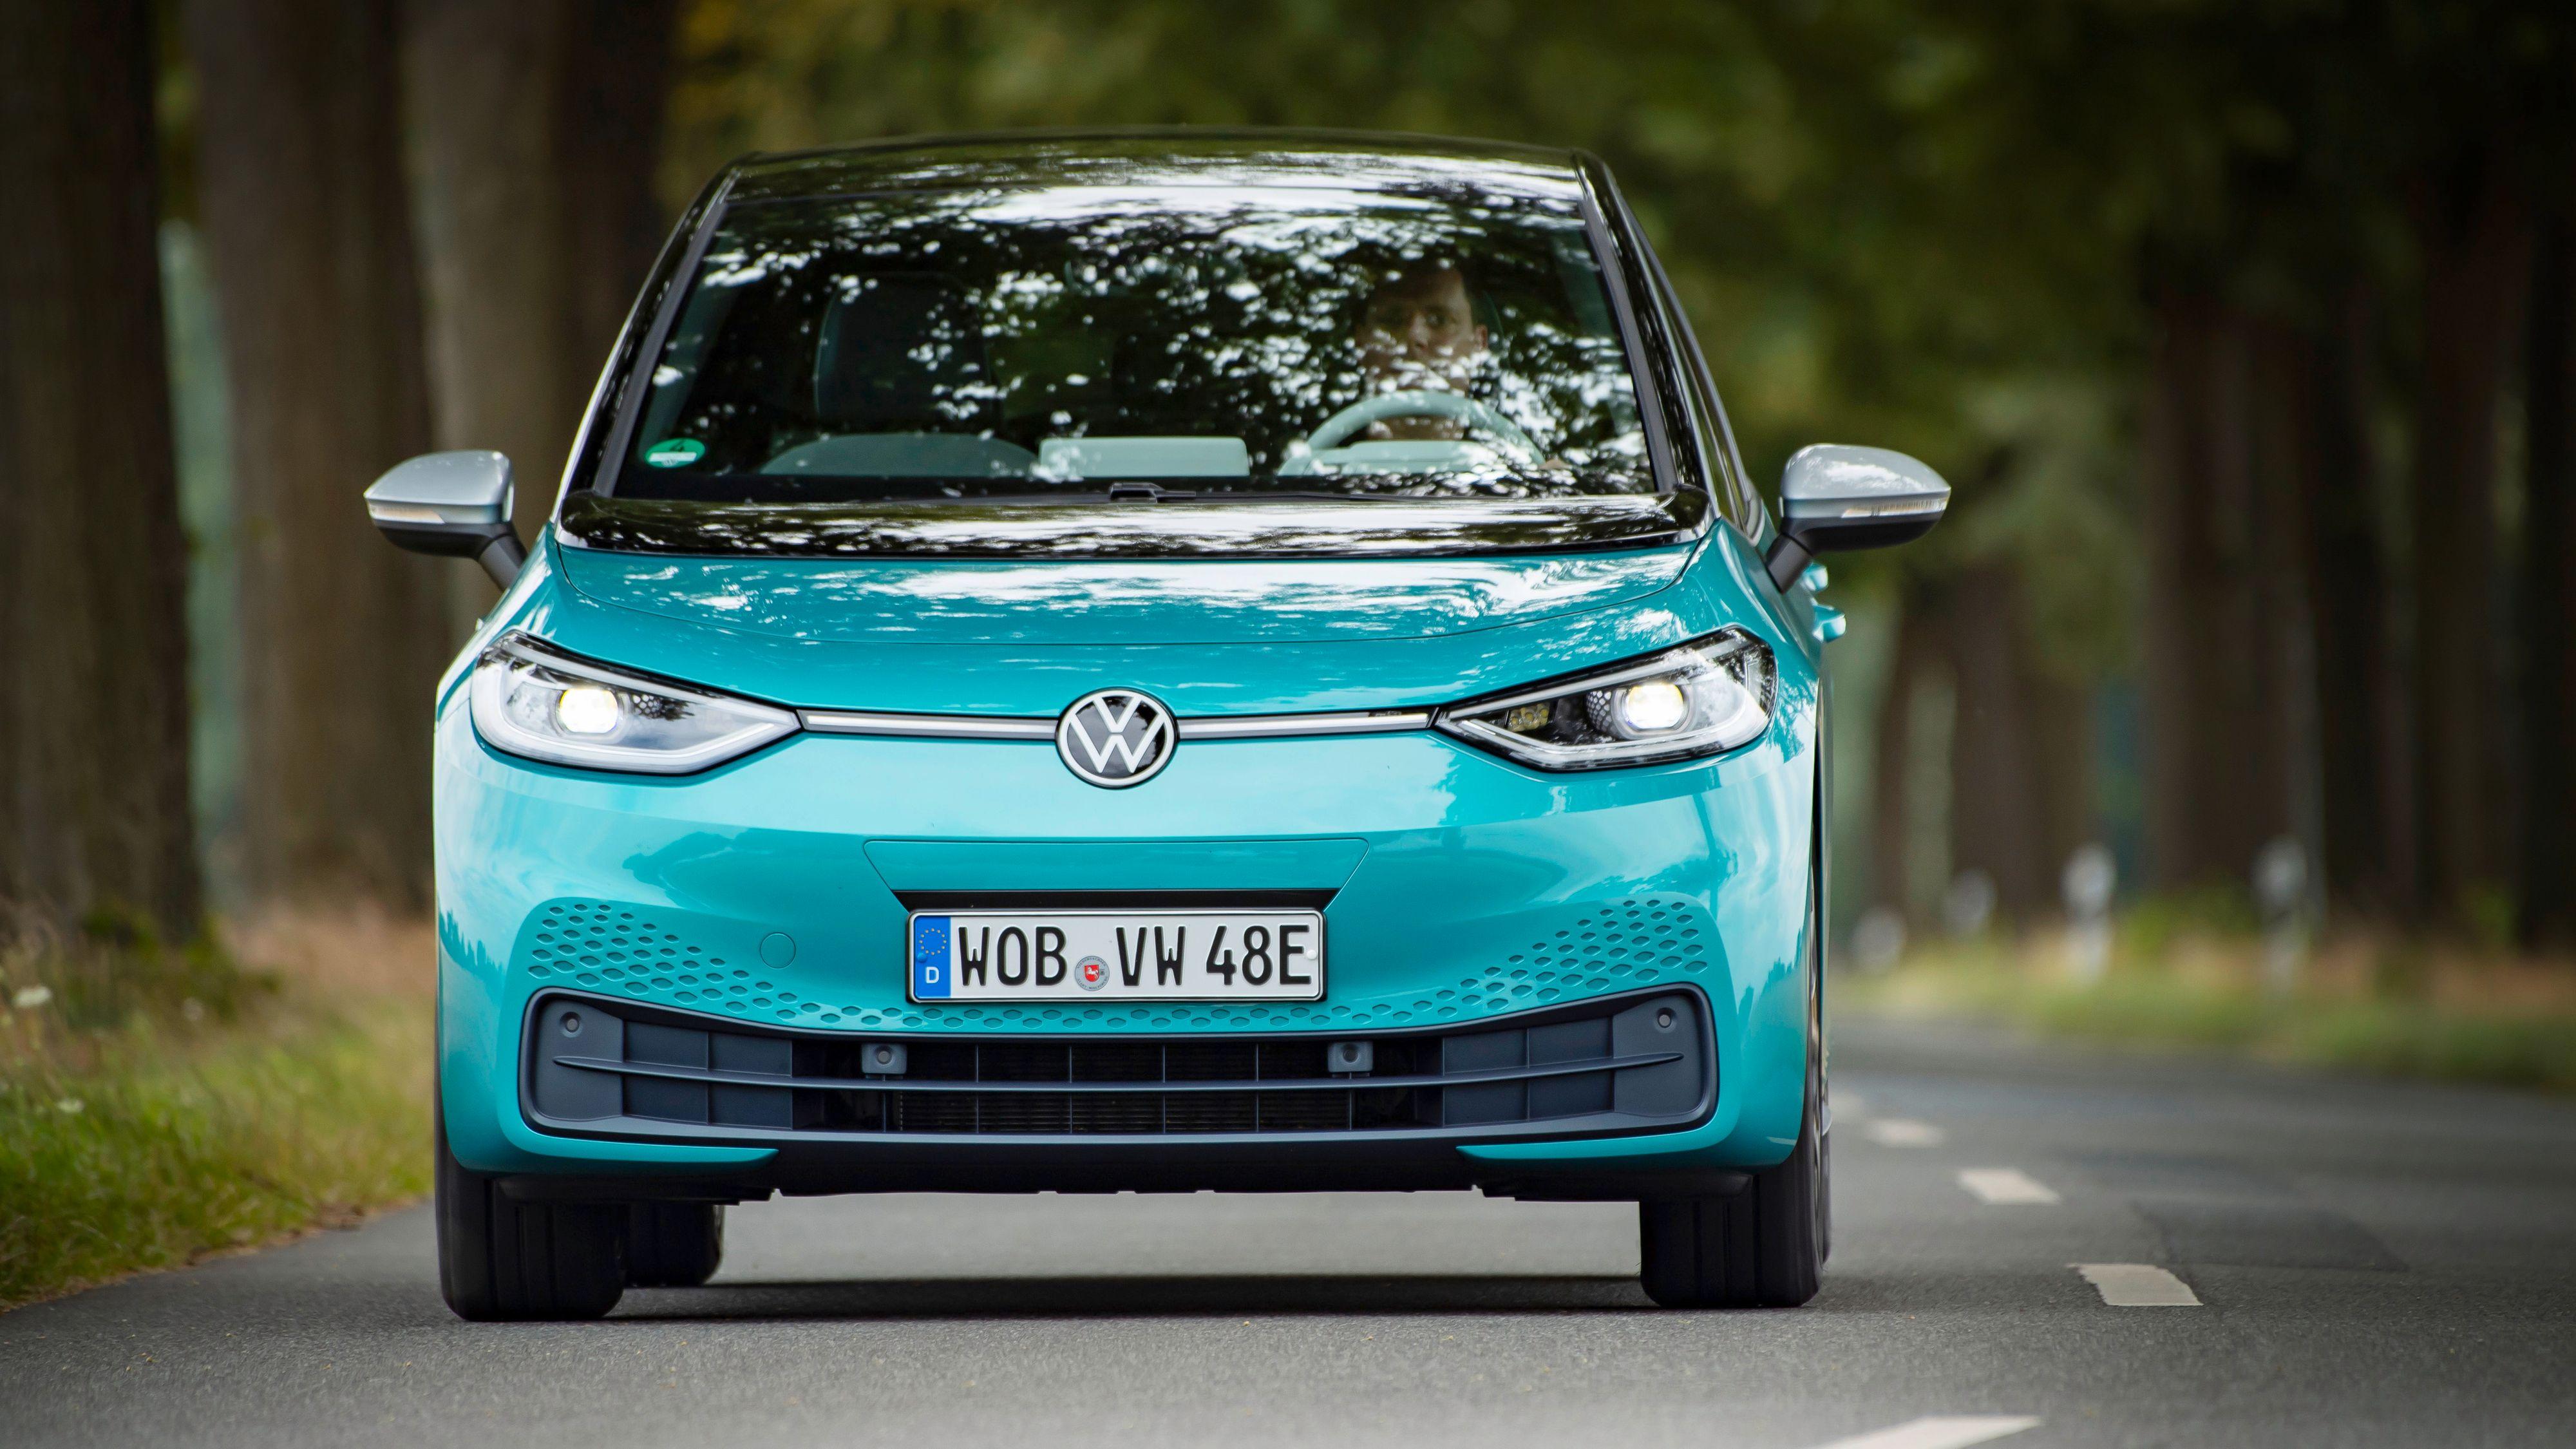 Volkswagens ID.3 1st er nå ferdigprodusert, og vi fikk anledning til å kjøre den i Tyskland. Leveransene til kunder starter neste måned.